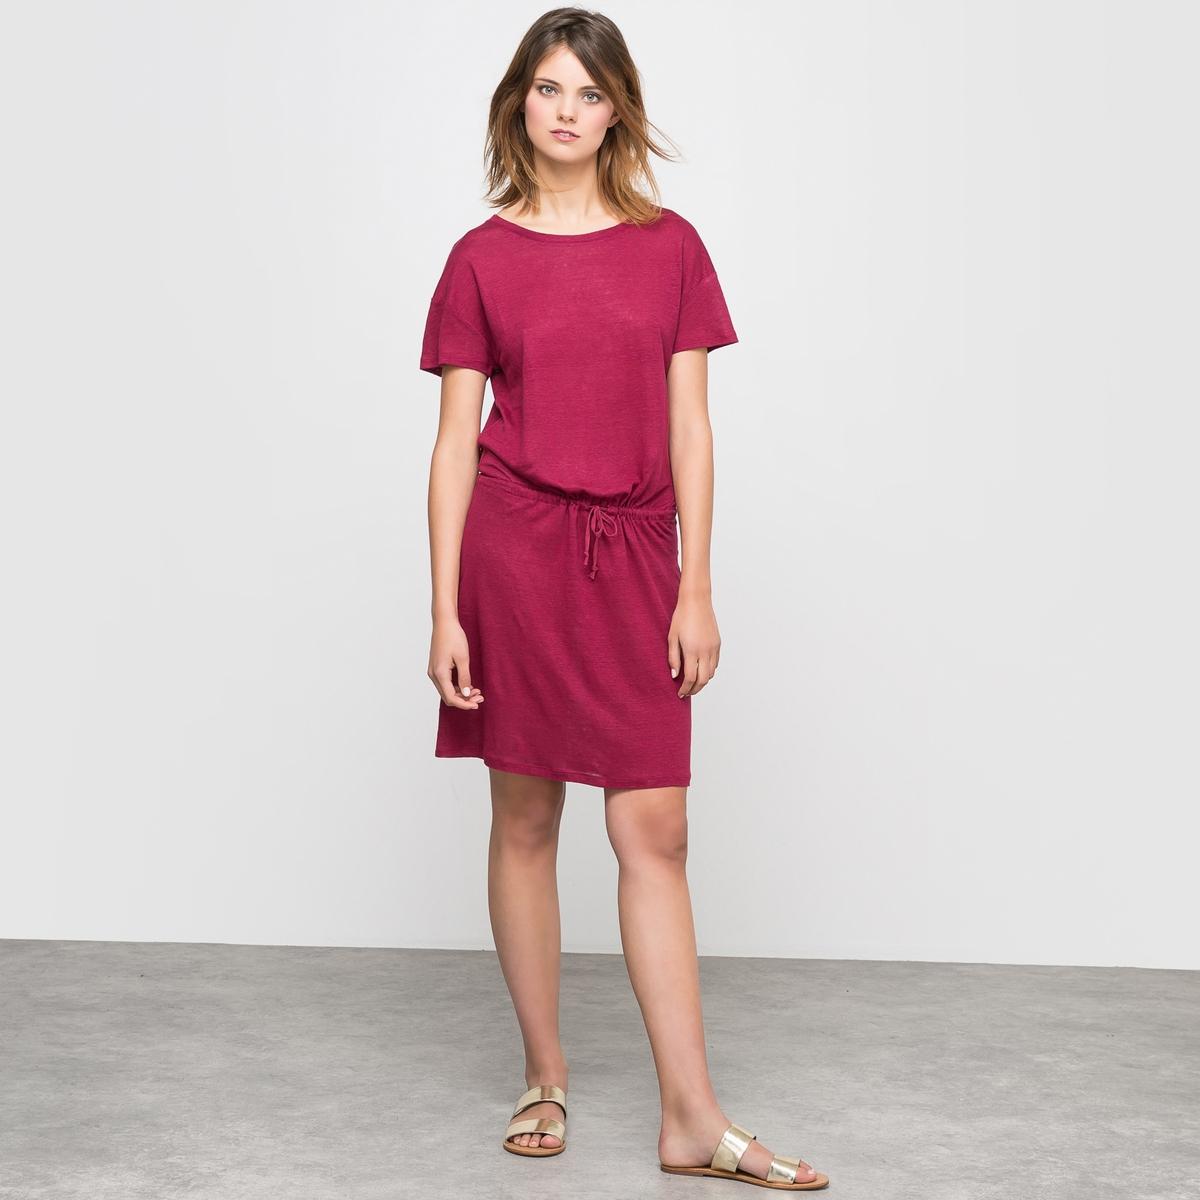 Платье из льна с круглым вырезомОднотонное платье из трикотажа 100% льна . Короткие рукава, круглый вырез . Прямой покрой, завязка в кулиске на поясе, неглубокие проймы рукавов... шарм, рожденный в простоте  !Состав и описание Материал :100% льна.Длина : 93 смМарка : R essentiels<br><br>Цвет: розовый-вишневый<br>Размер: 38/40 (FR) - 44/46 (RUS)